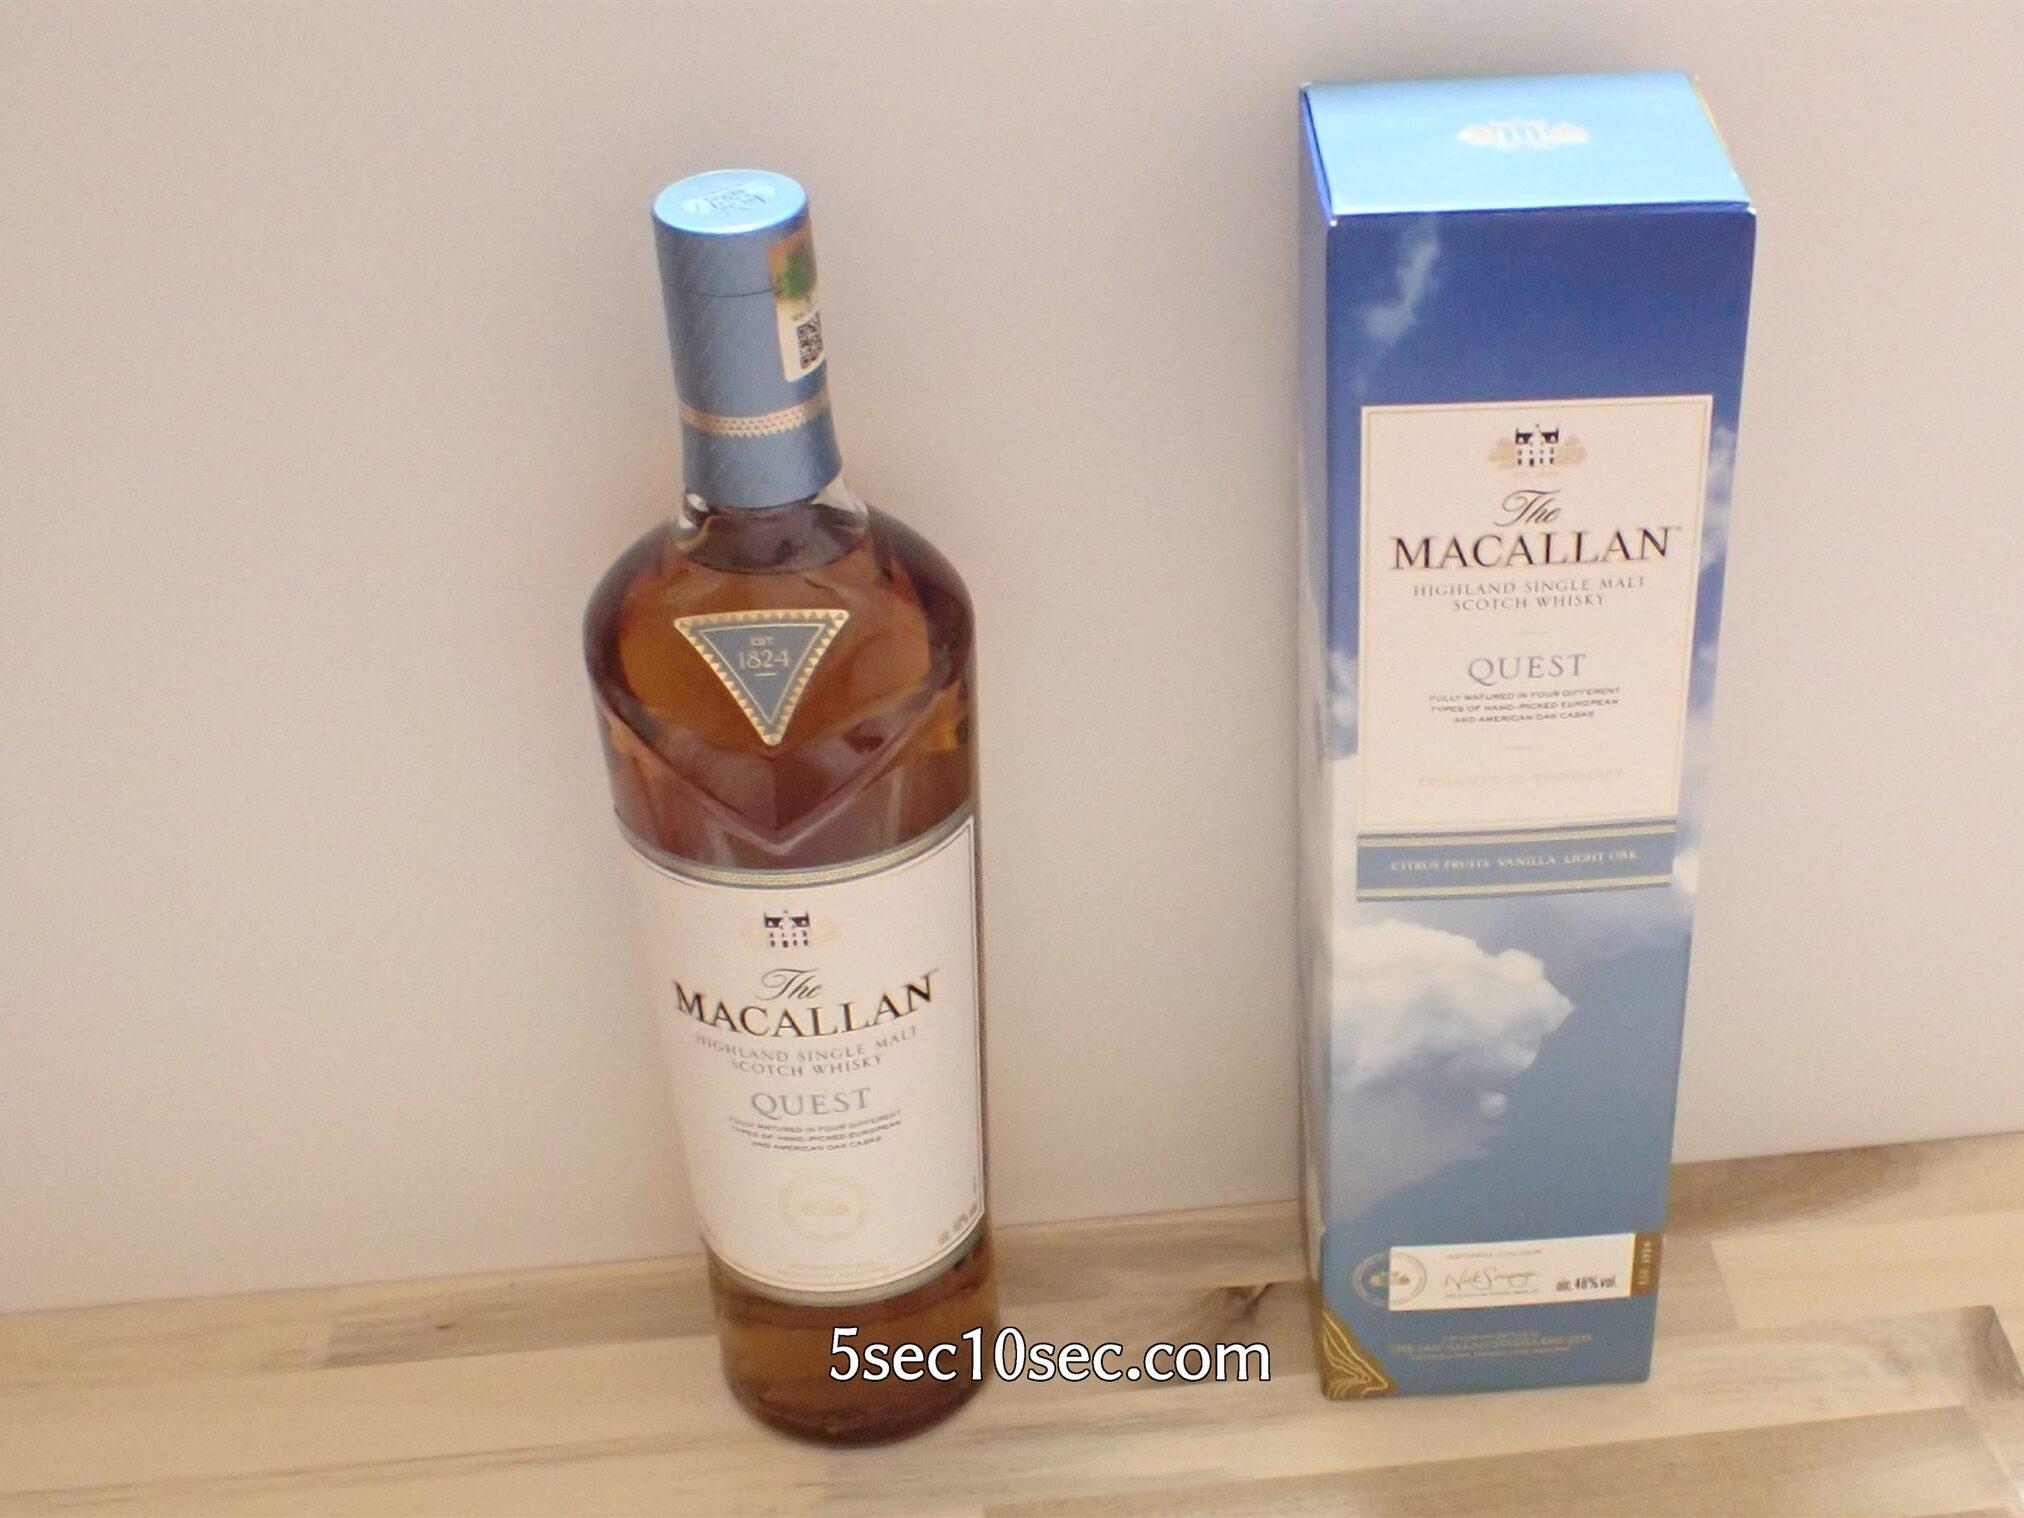 お酒初心者の私が高級ウイスキーを飲んでみたものがマッカラン